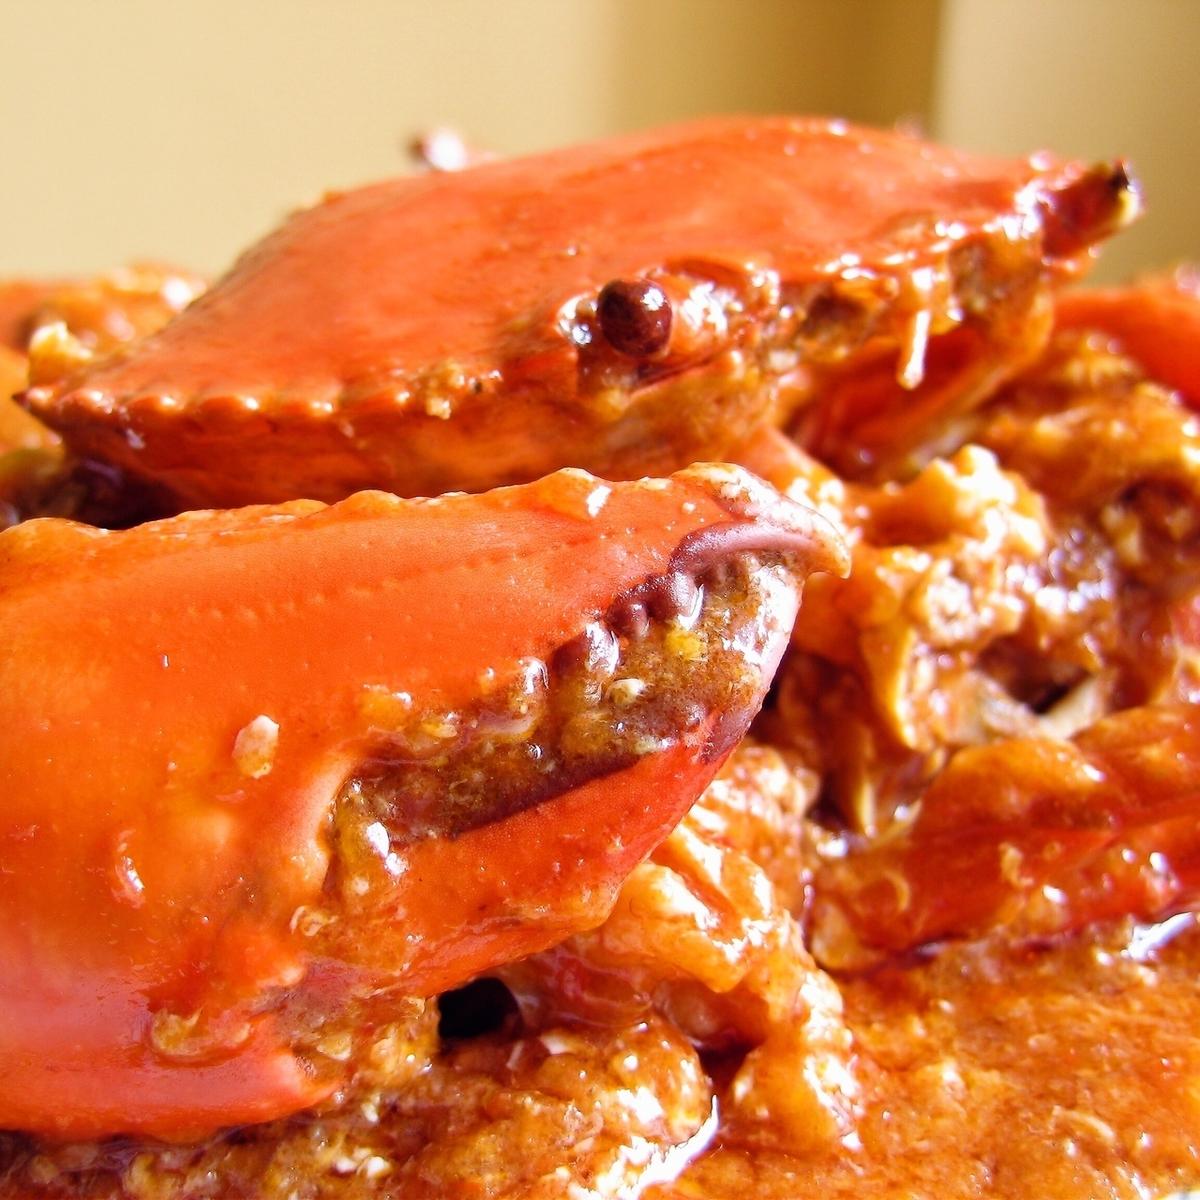 싱가포르 칠리 크랩 King of Seafood Singapore Chili Crab